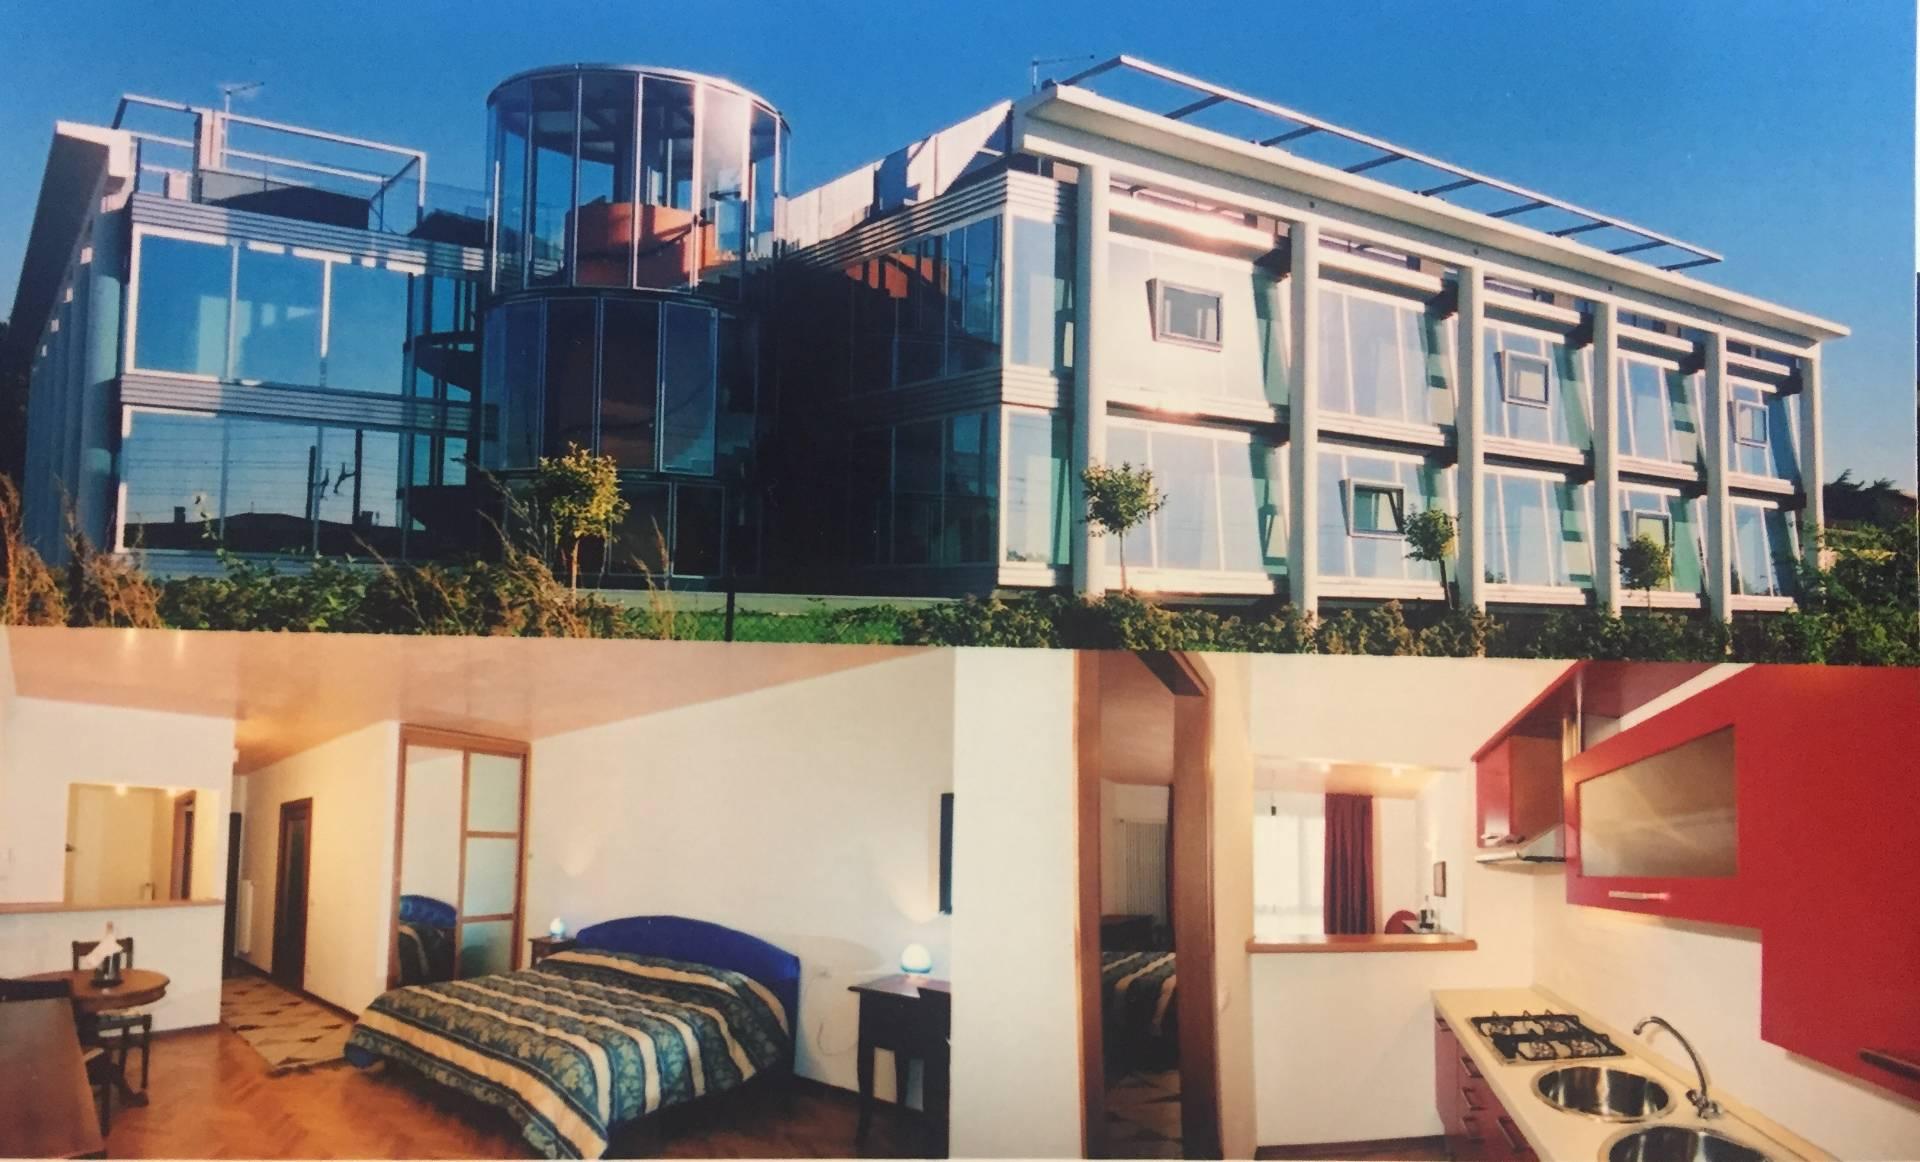 Appartamento in vendita a Preganziol, 2 locali, zona Località: Centro, prezzo € 50.000 | CambioCasa.it